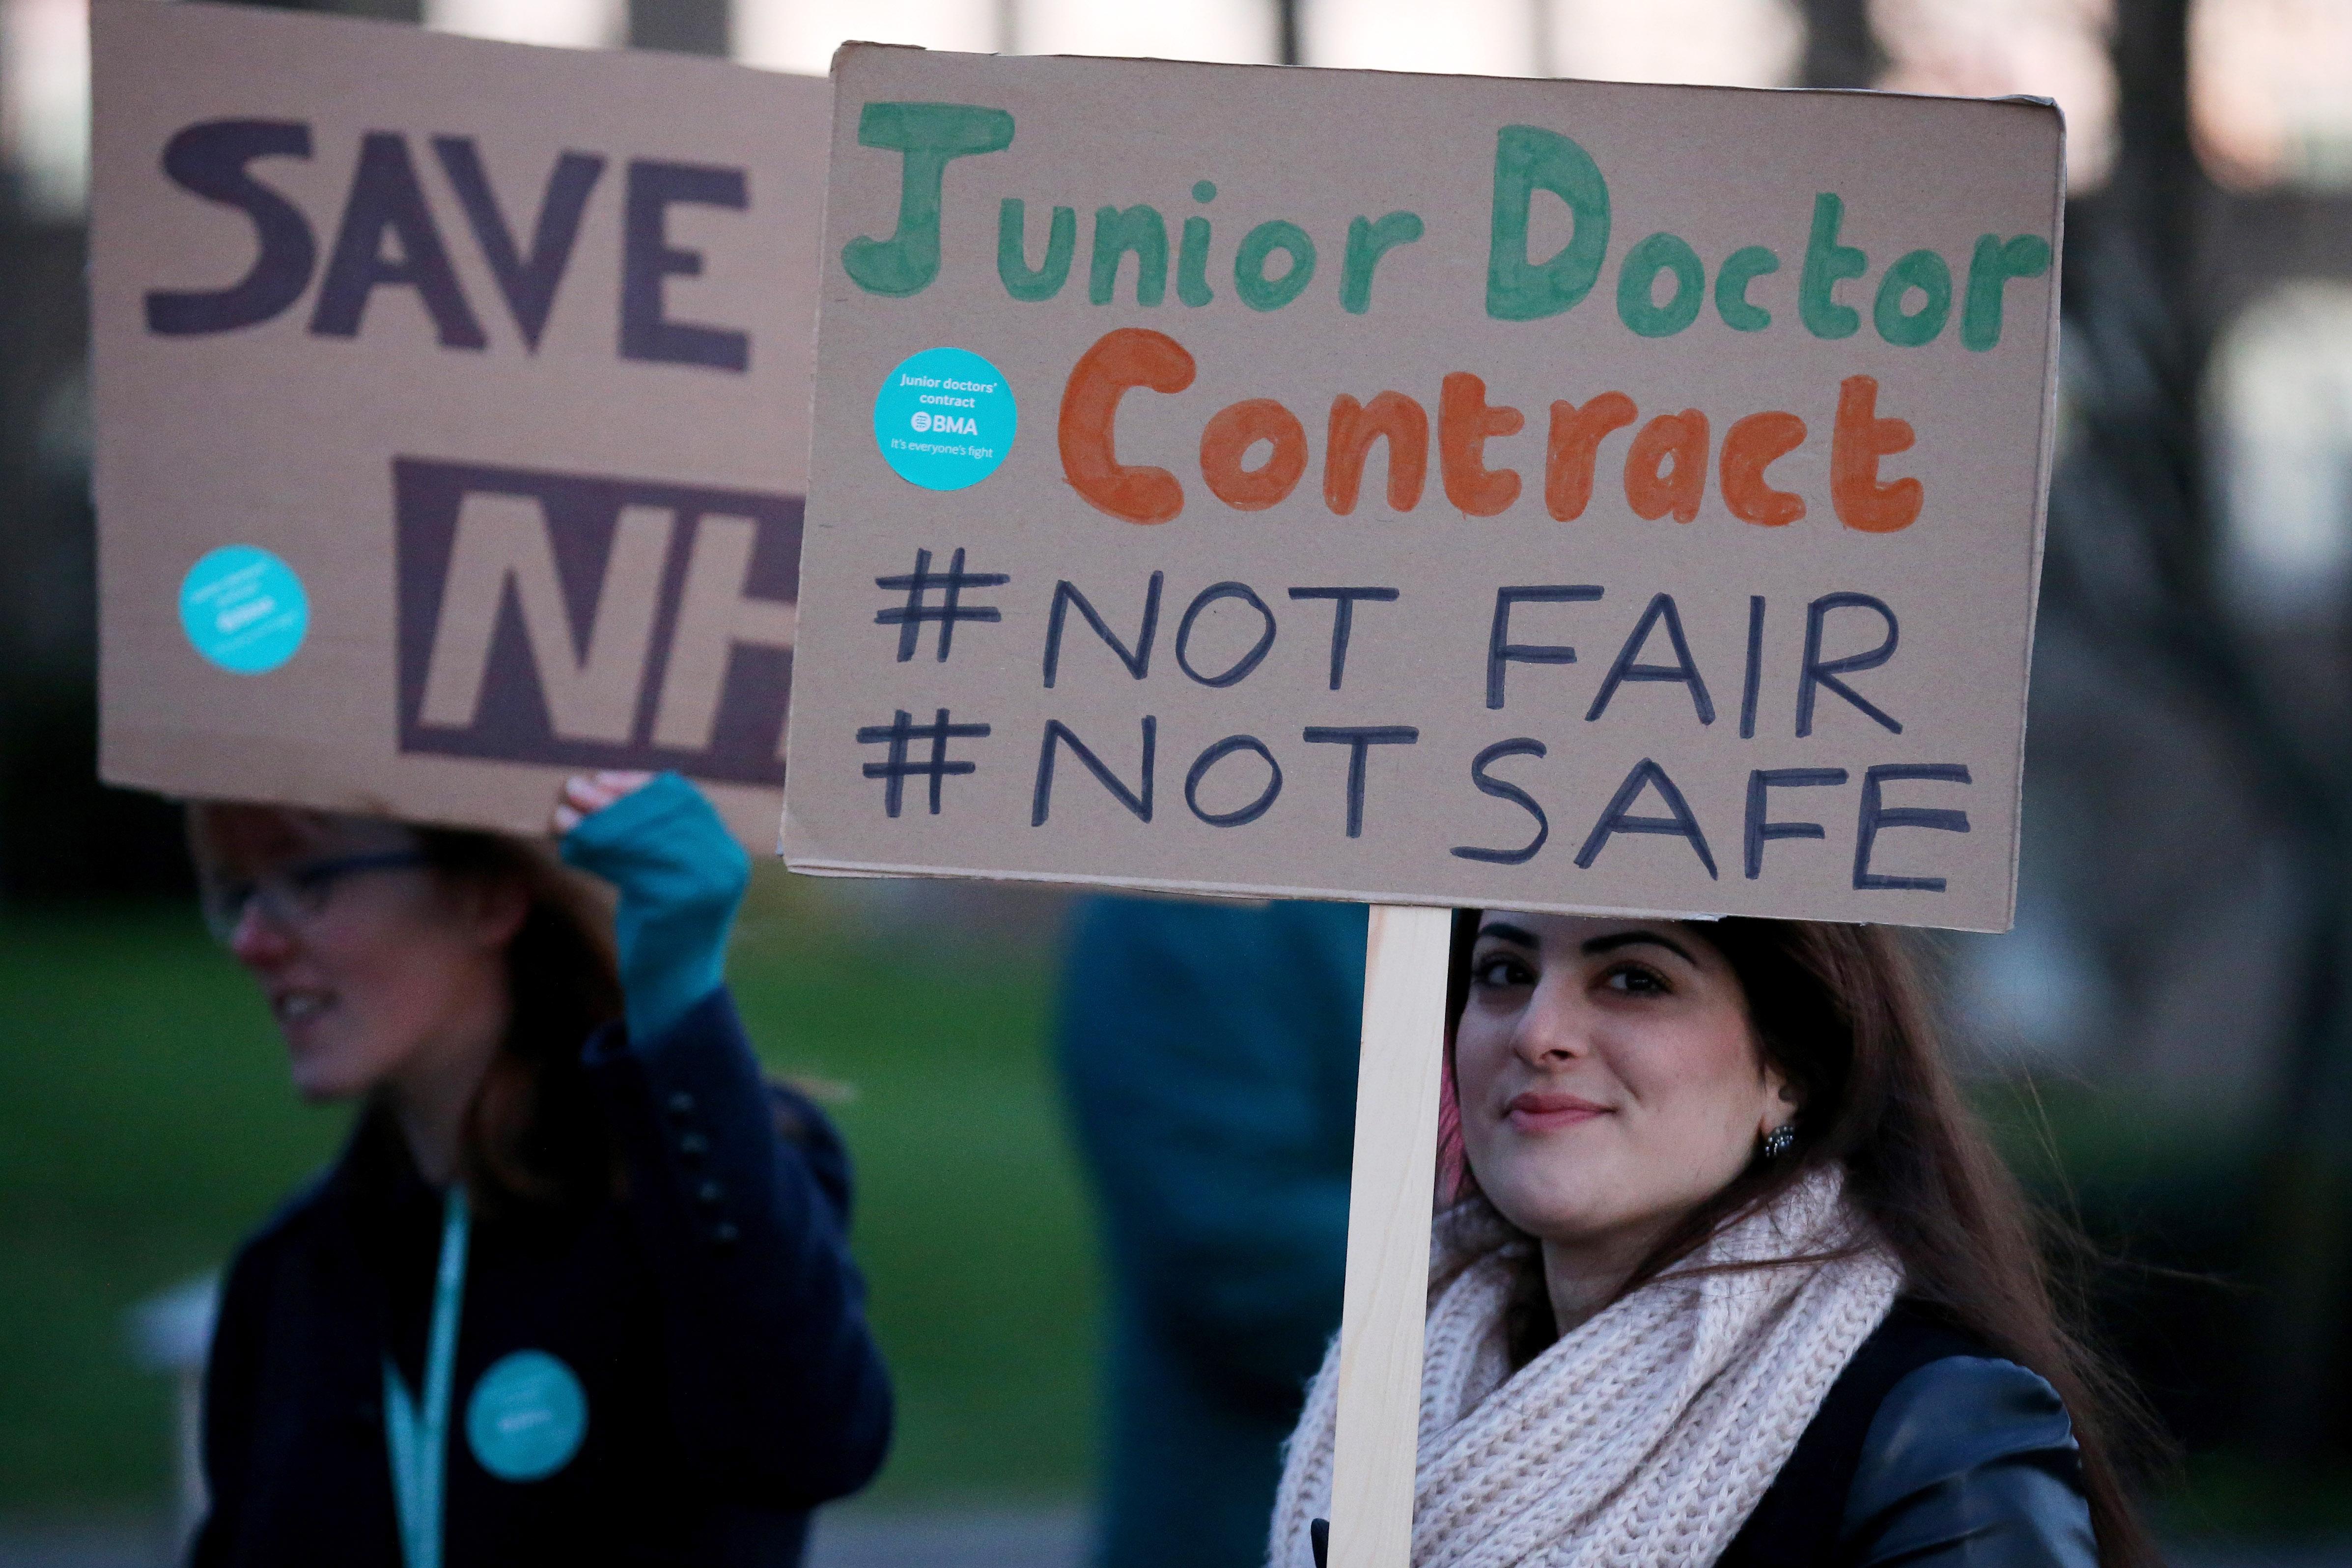 Junior Doctors Stage 24 Hour Strike Across NHS In England